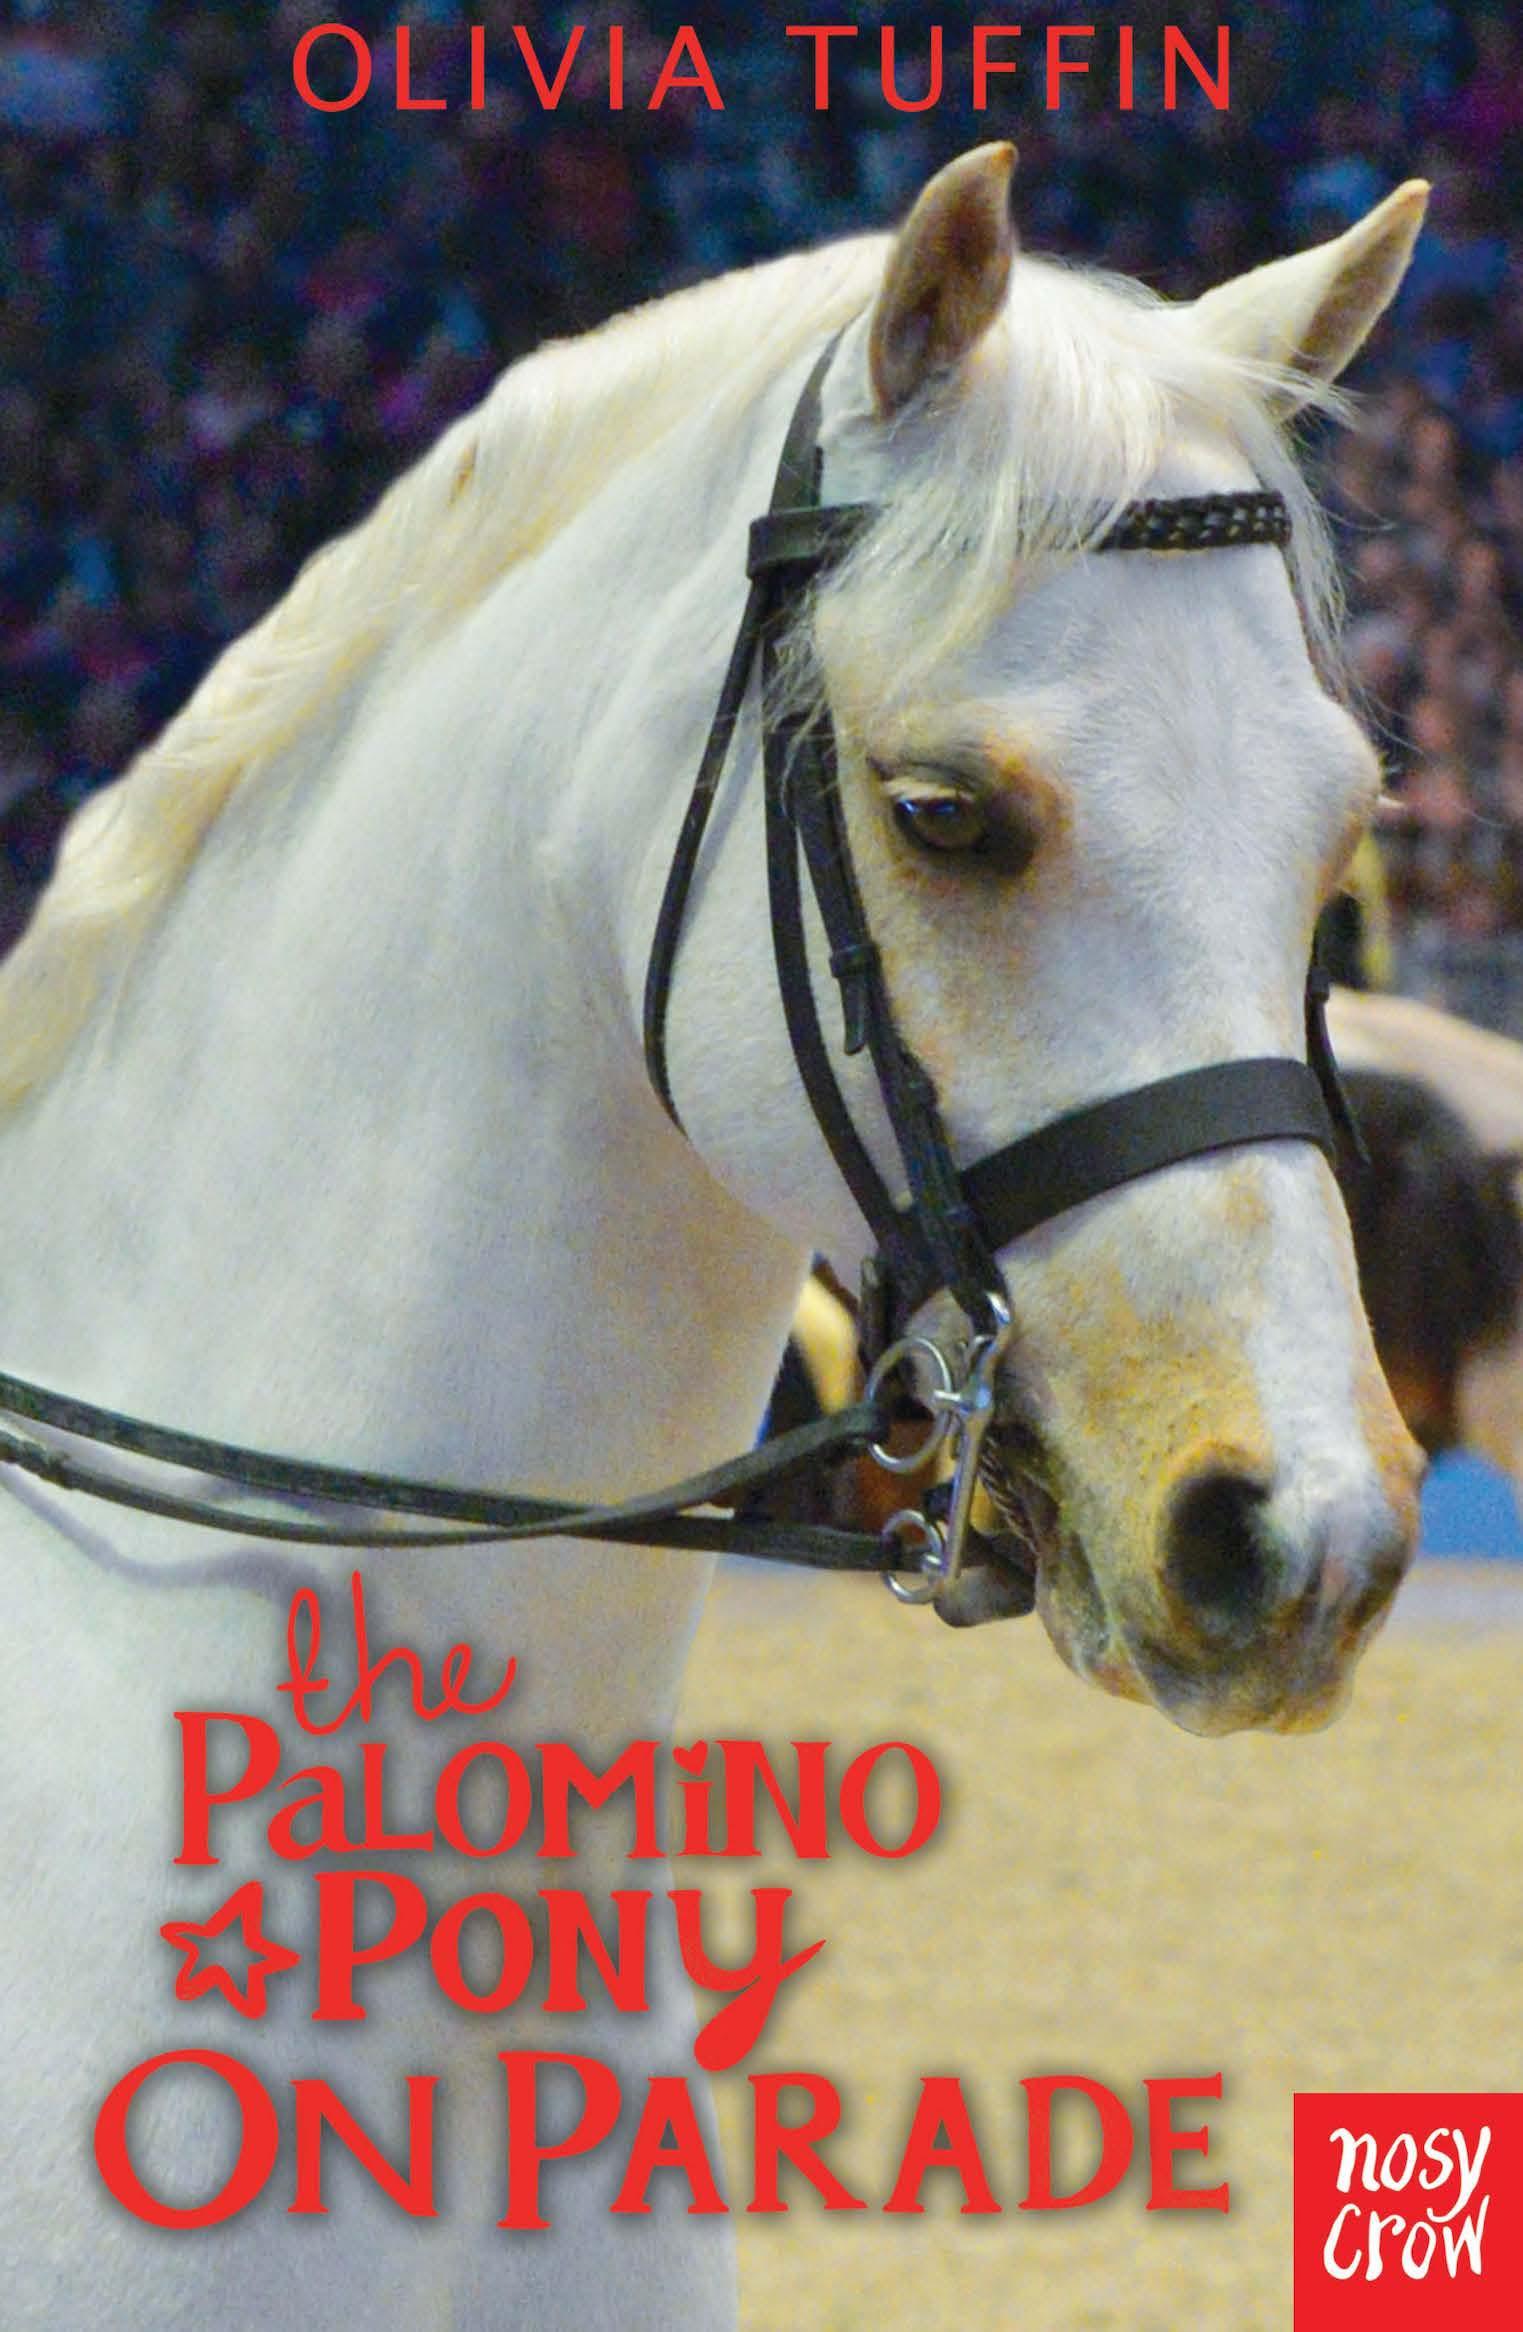 palomino pony on parade - olivia tuffin